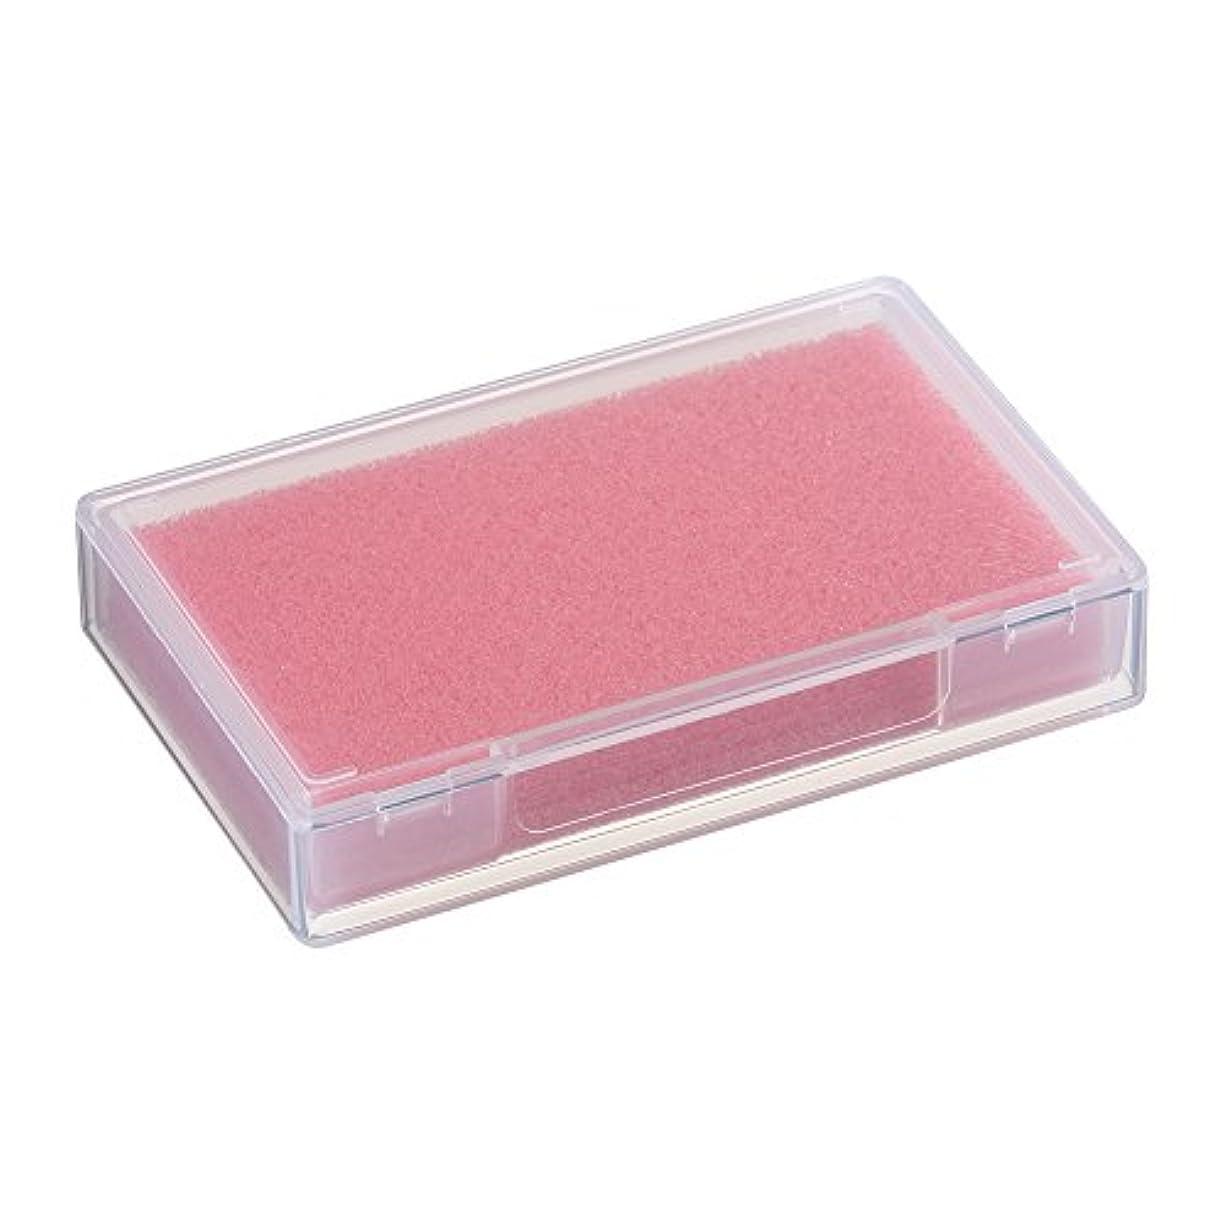 勝者執着実質的にネイルチップケース ピンク